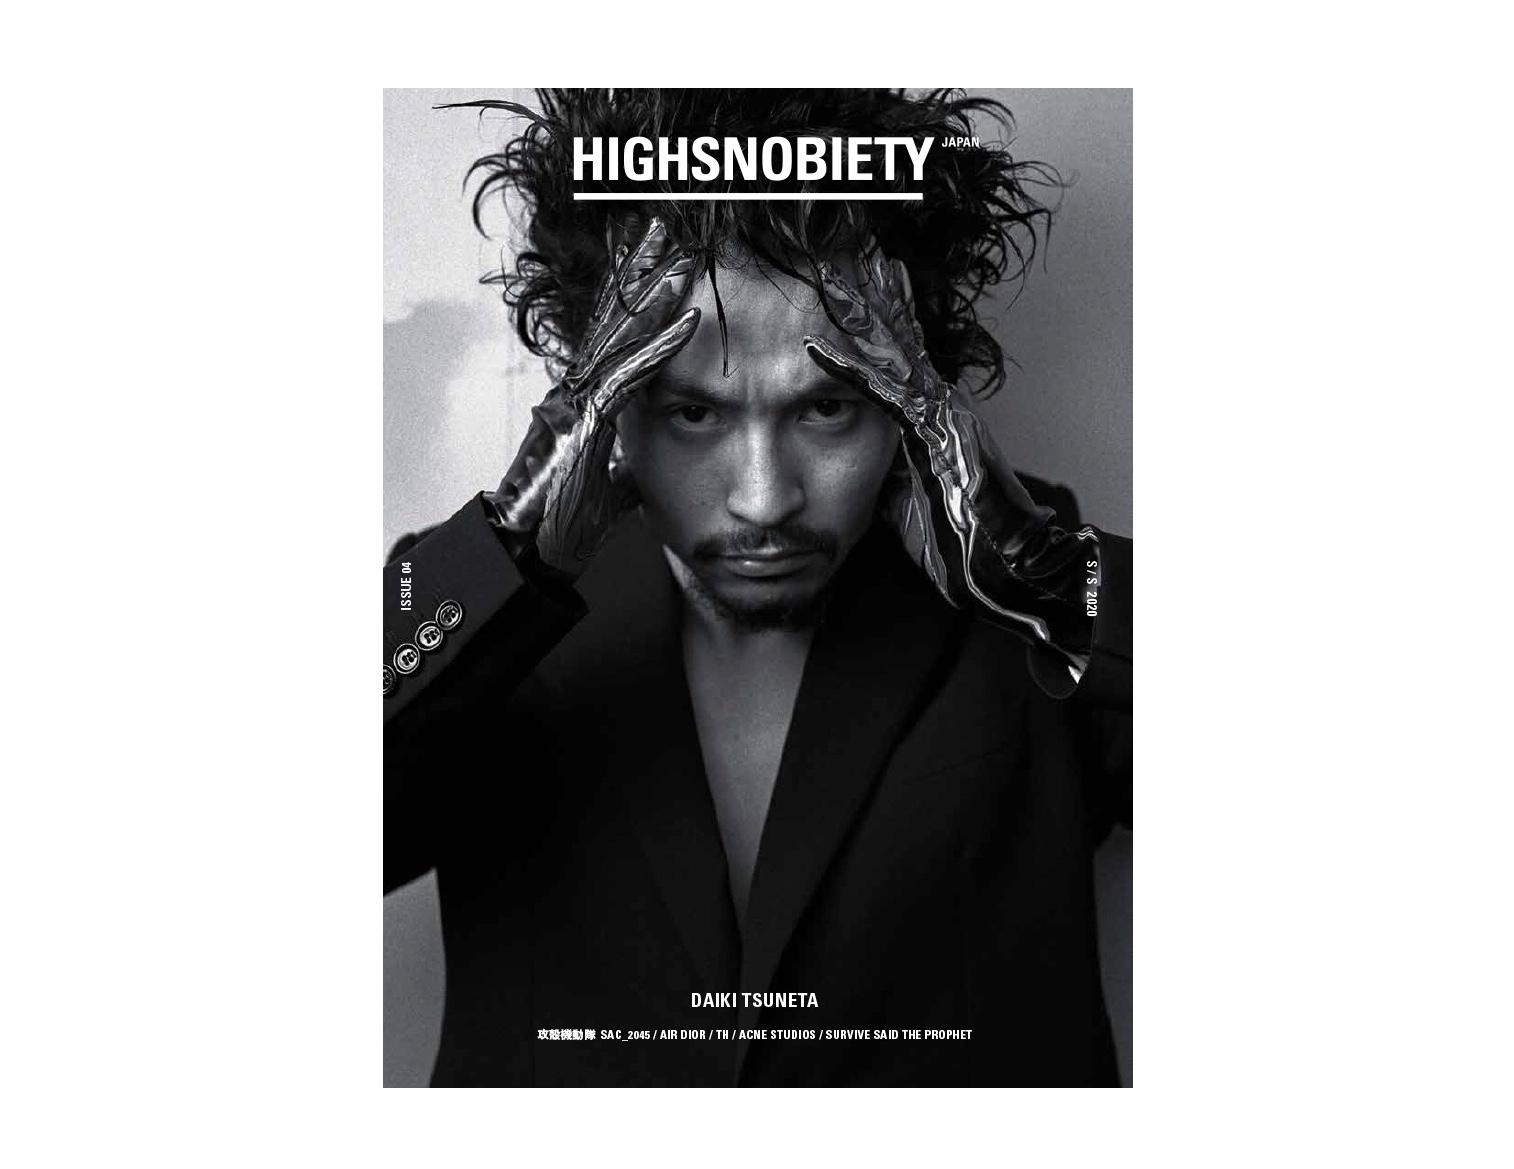 【表紙解禁】HIGHSNOBIETY JAPAN最新号、King Gnu常田大希が表紙を飾る